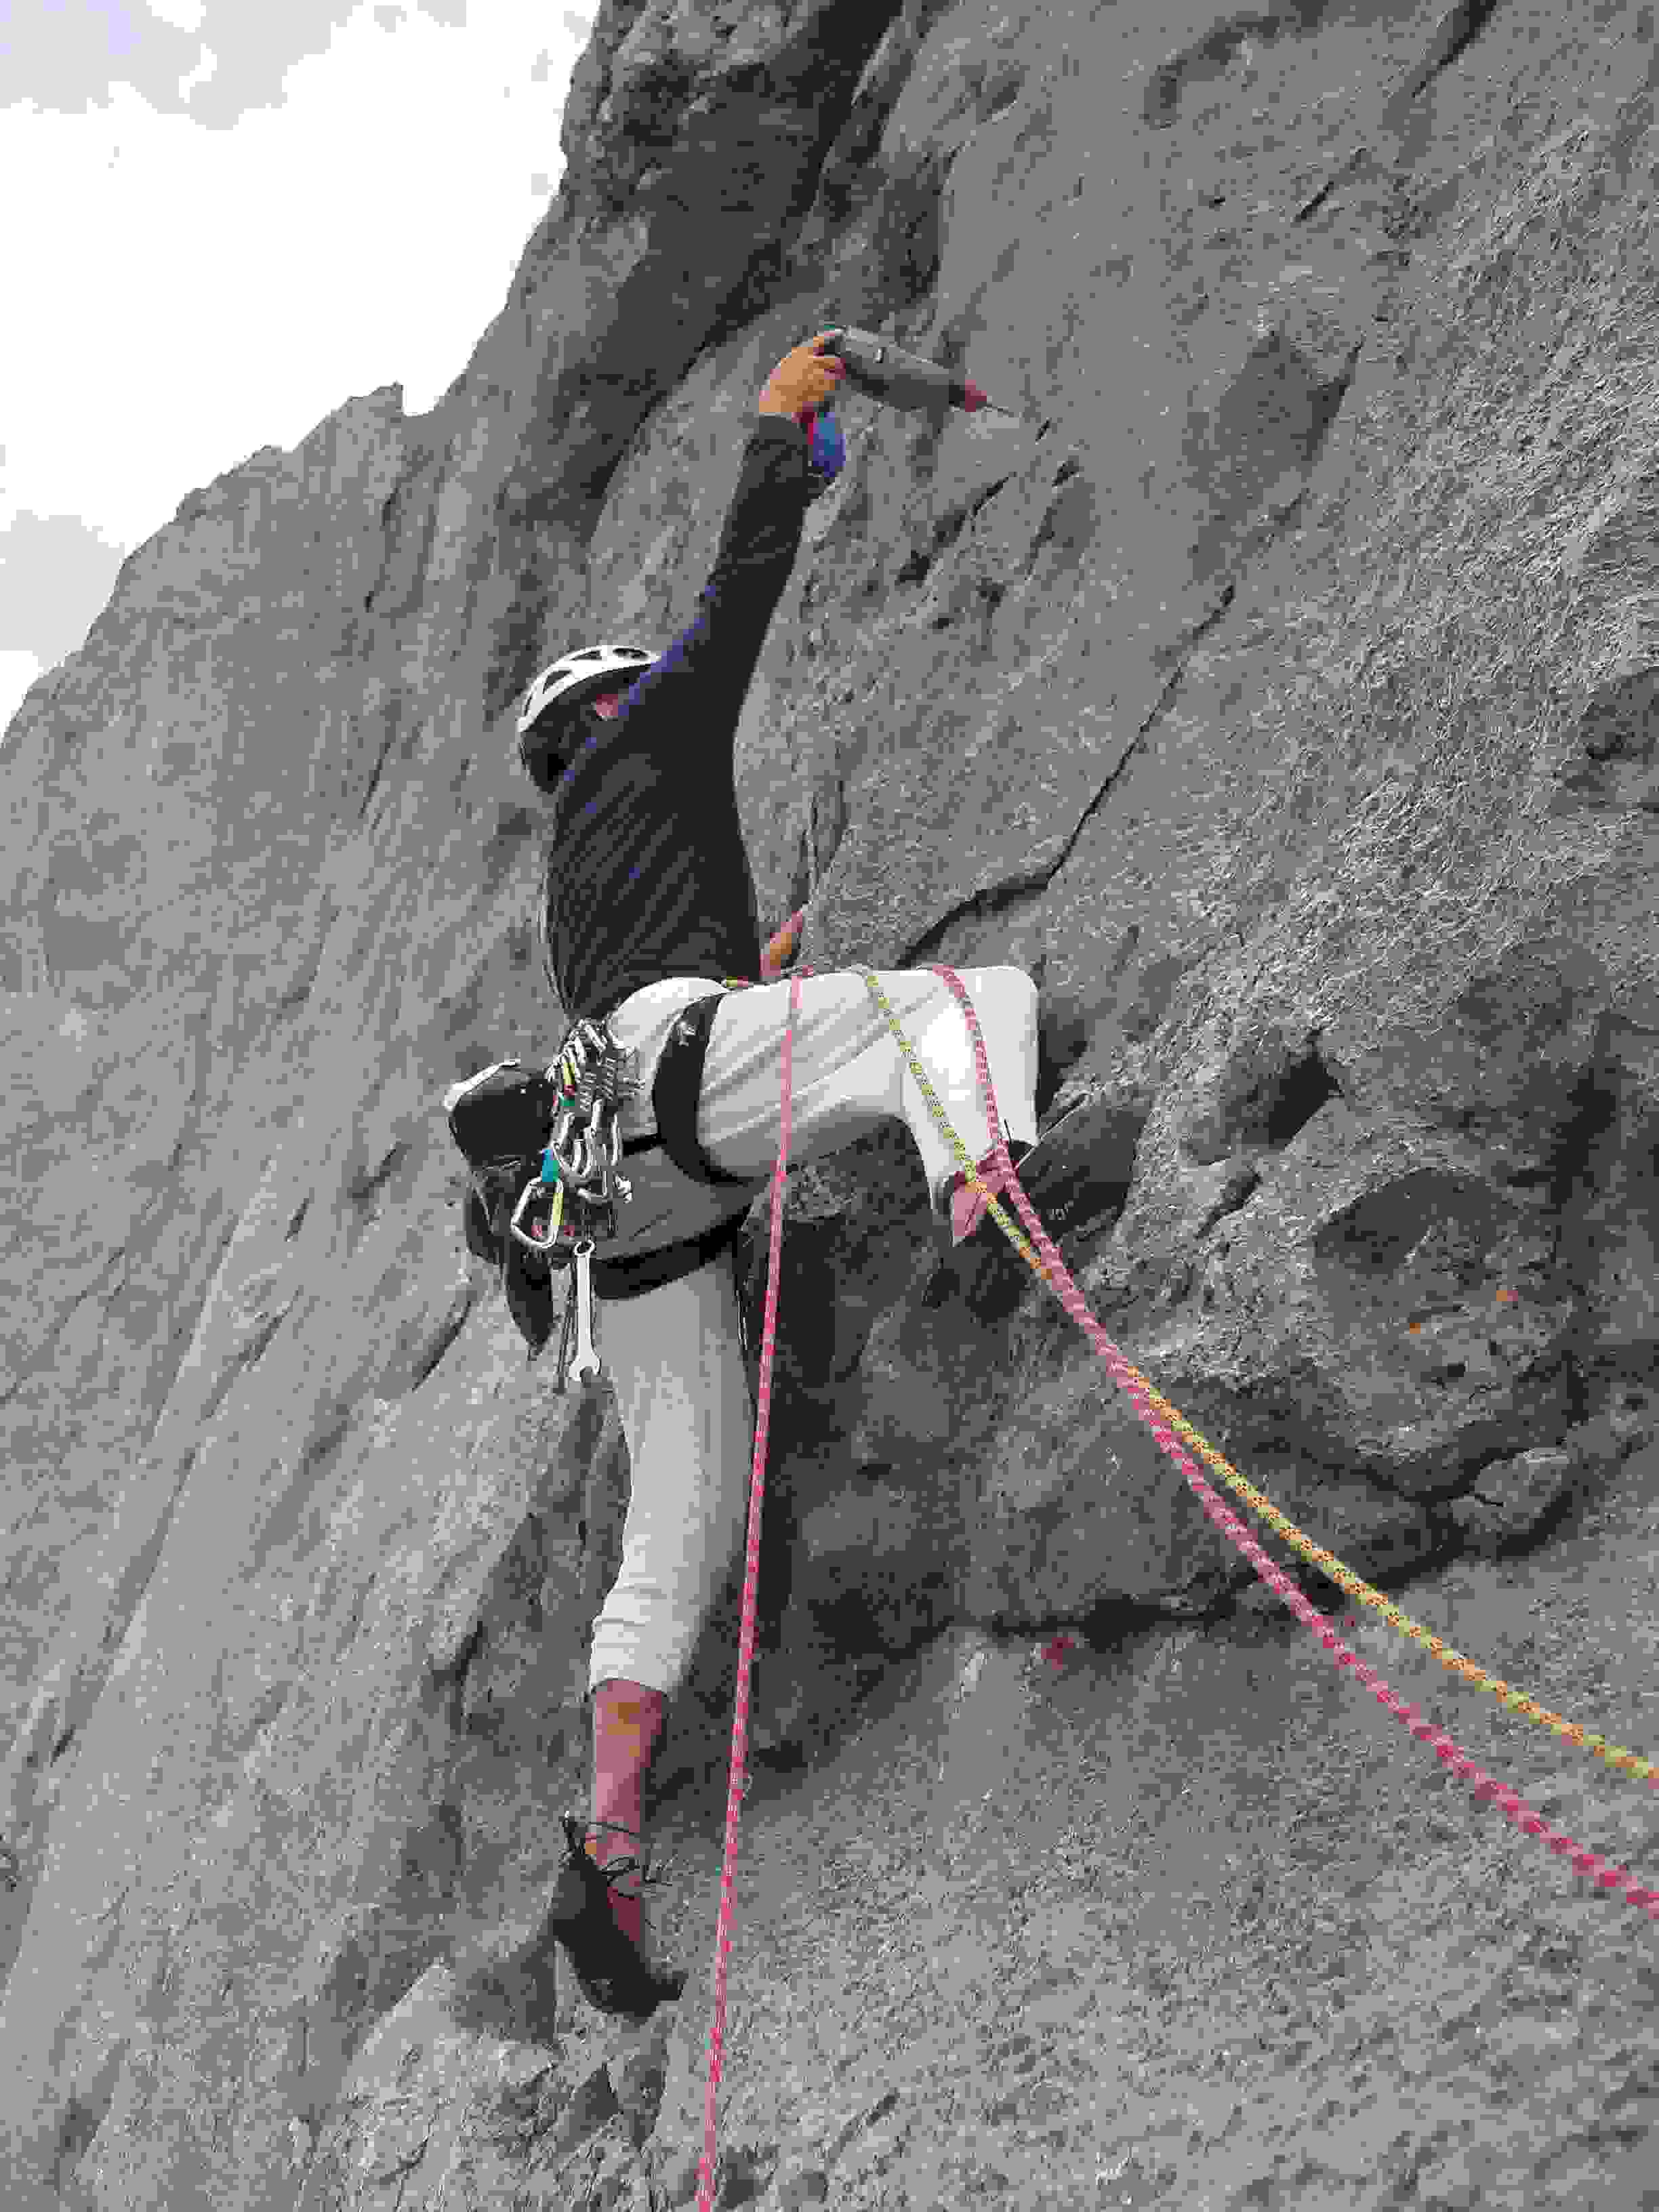 Foto: Kühberger Rudolf / Kletter Tour / Der wahre Kletterwahnsinn VIII+ / Erstbegehung am Beginn der 5. Sl.  Rudolf Kühberger / 05.03.2007 15:49:13